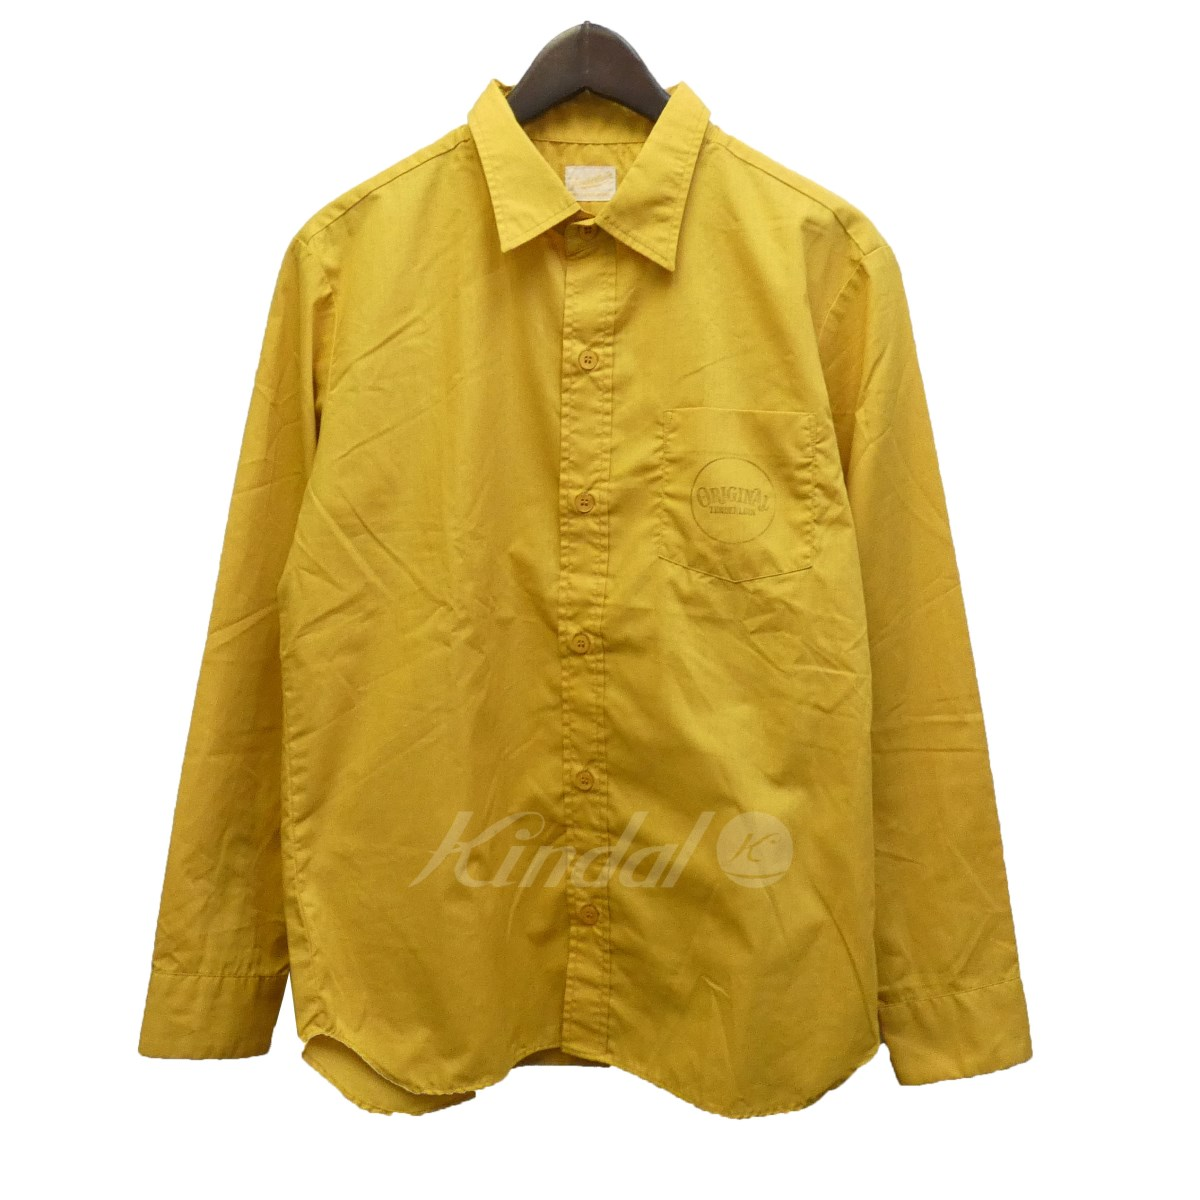 【中古】TENDERLOIN 「T-G.S SHT」 サークルロゴプリントワークシャツ ゴールド サイズ:XS 【050319】(テンダーロイン)